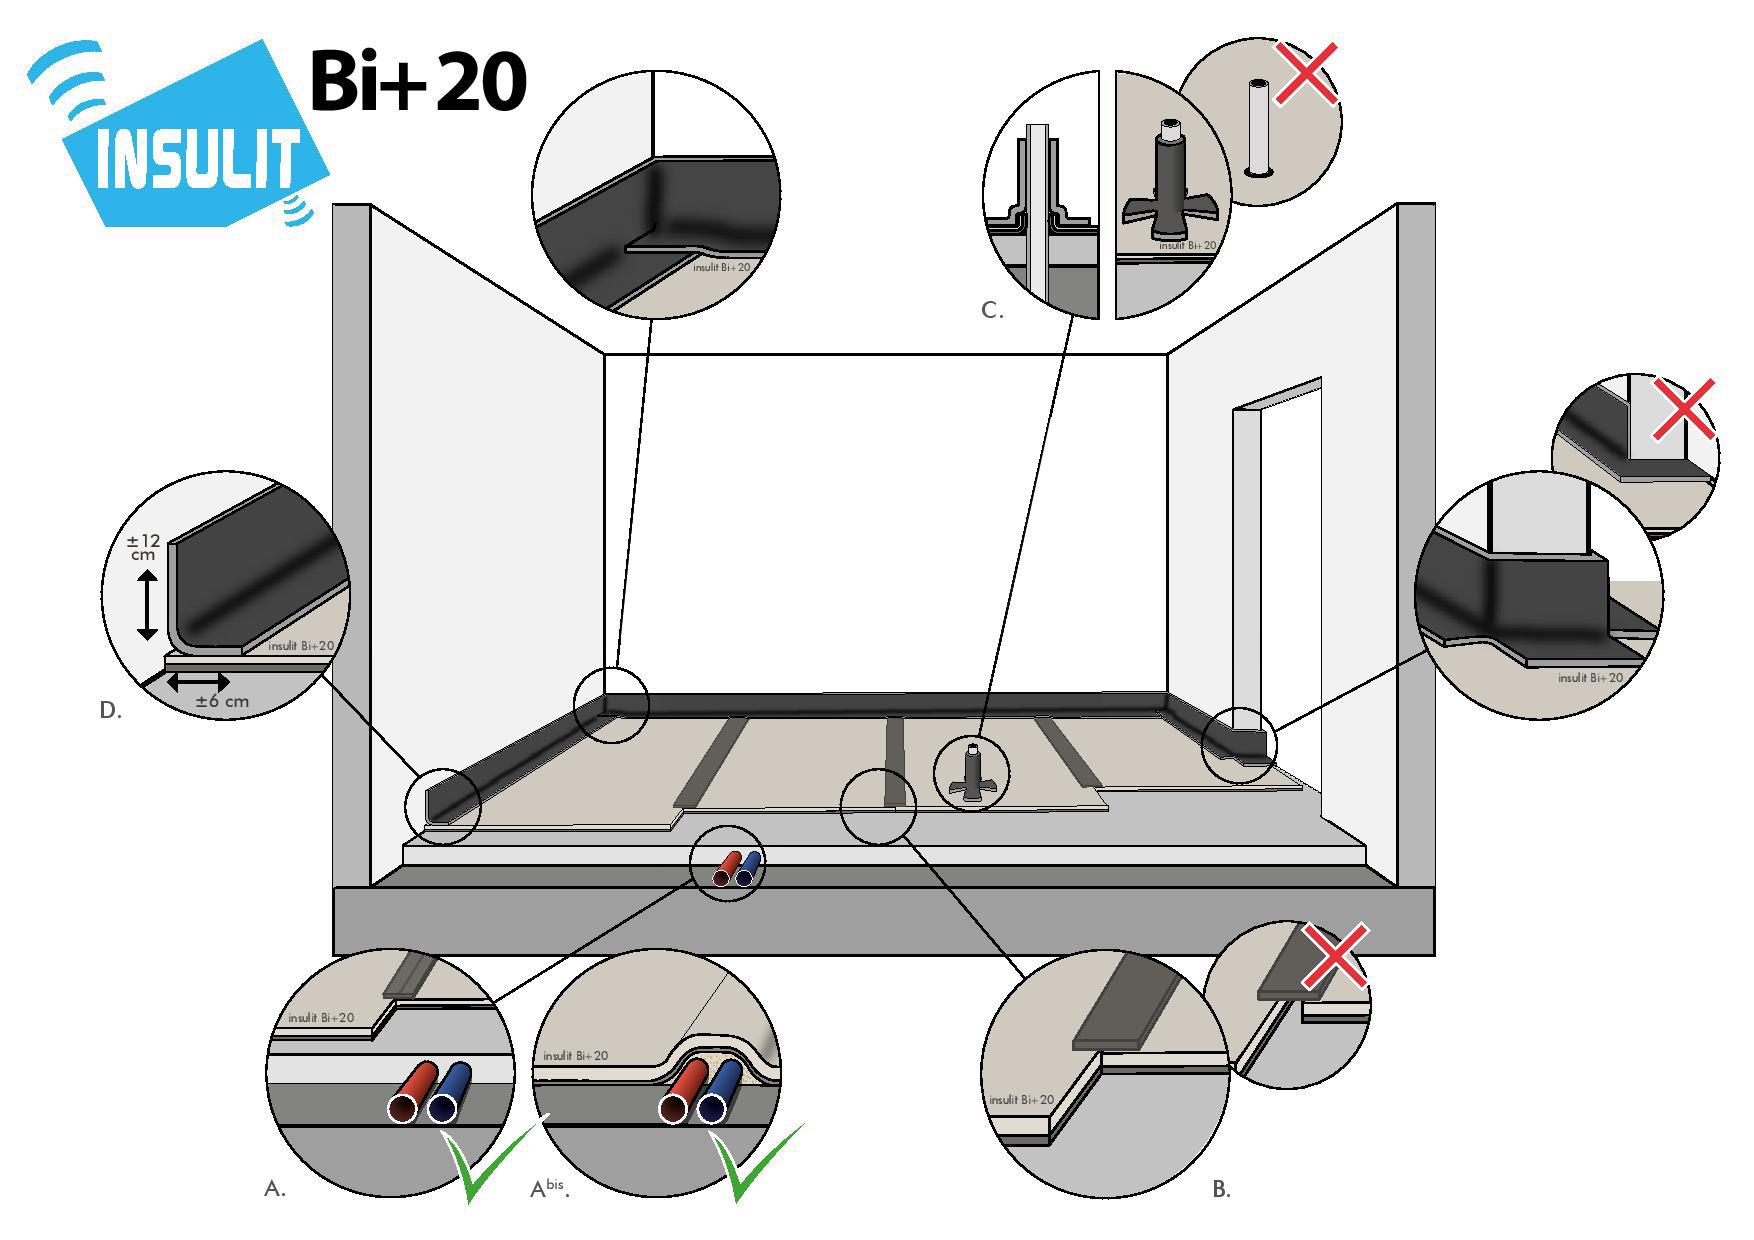 Kročajová izolácia Insulit Bi+20 s tepelno izolačnou vrstvou